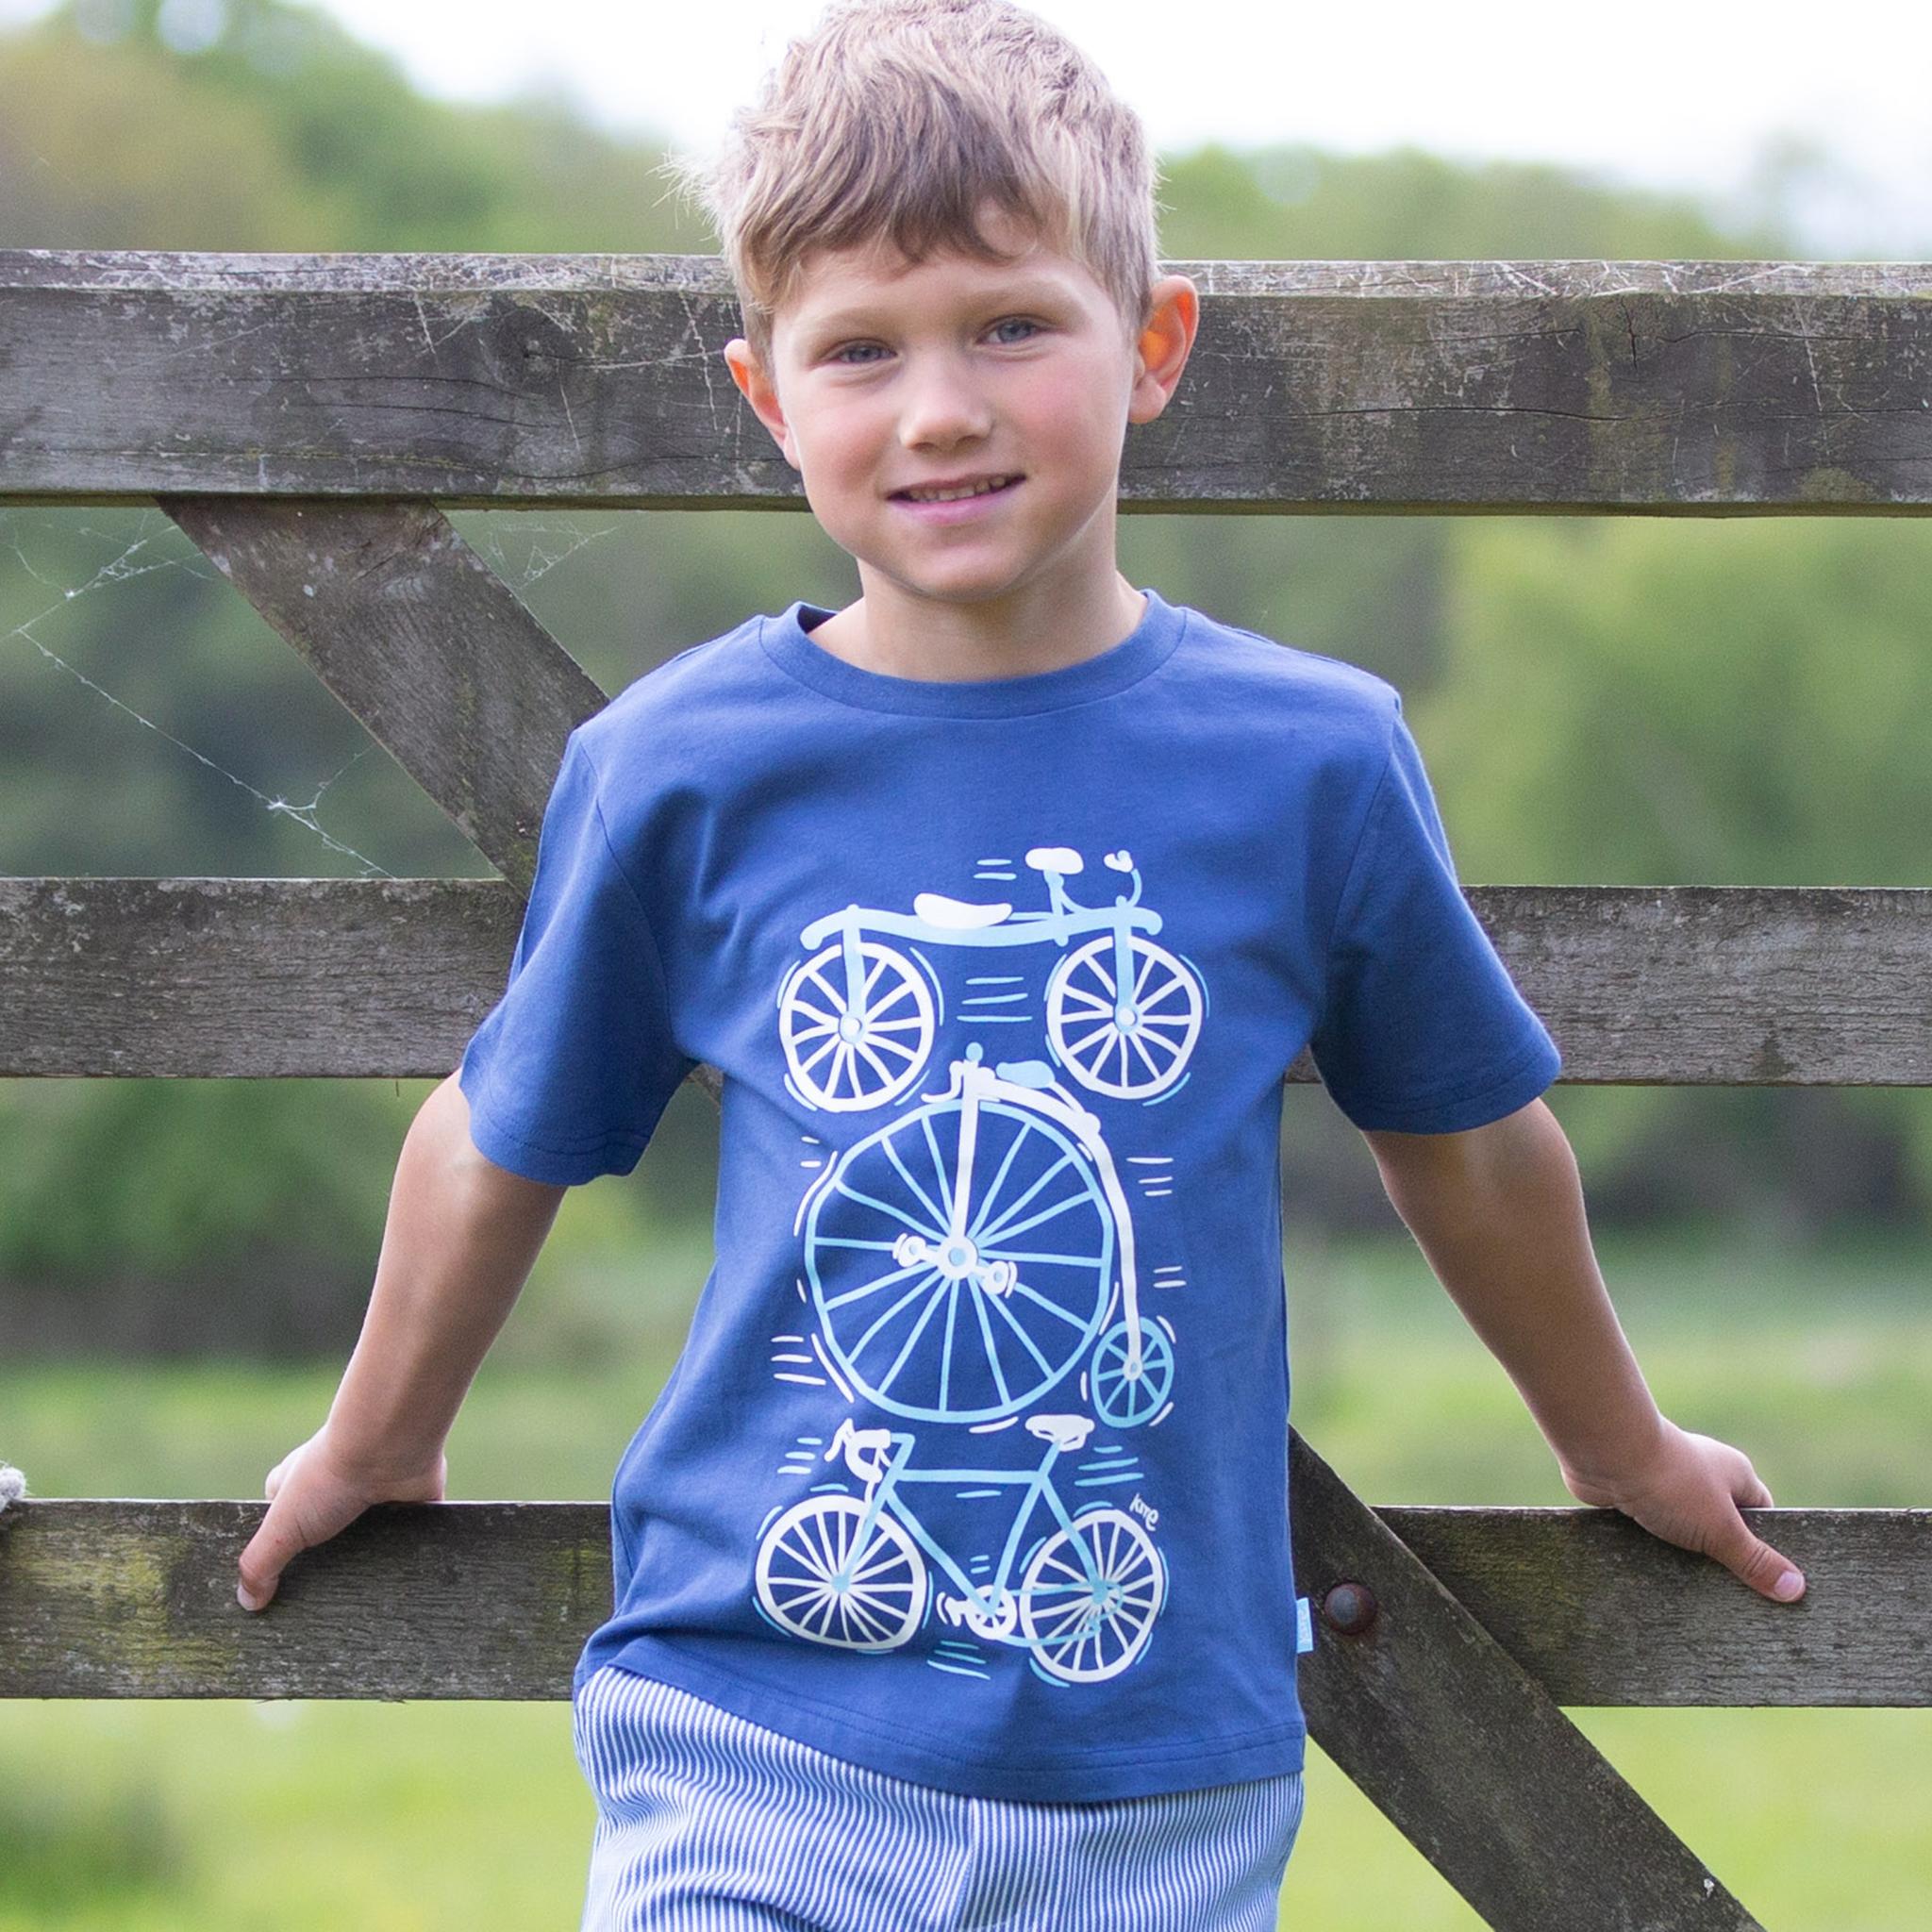 Kite Bike Evolution T Shirt